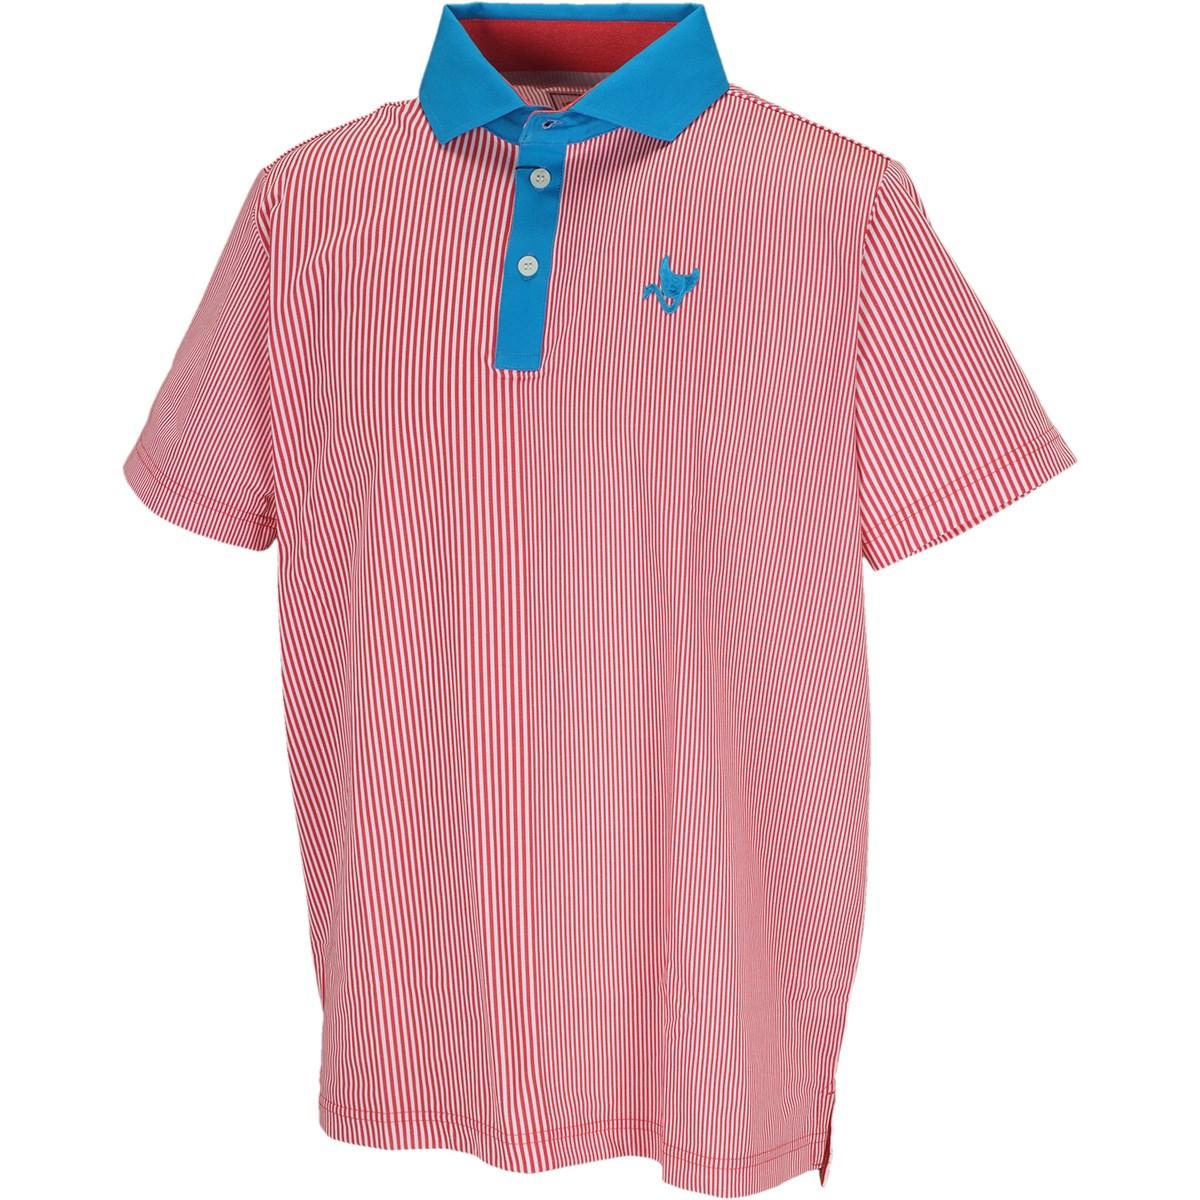 クランク(Clunk) ストレッチ マルチストライプ柄 半袖ポロシャツ